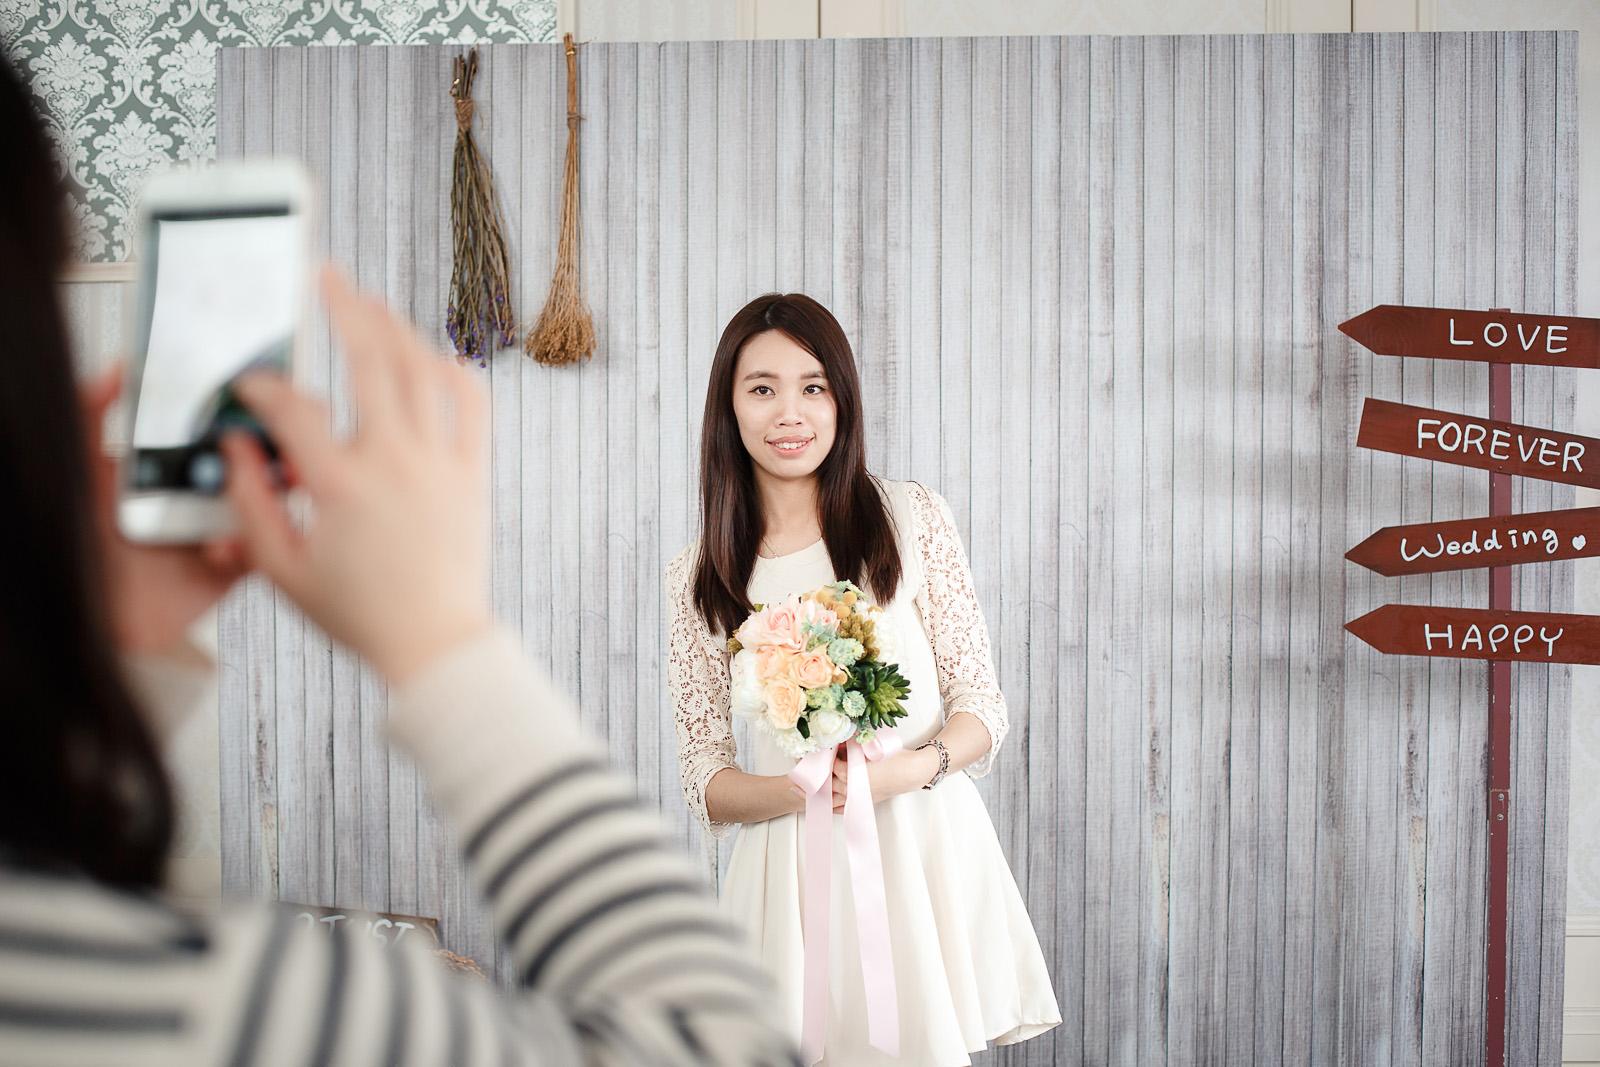 高雄圓山飯店,婚禮攝影,婚攝,高雄婚攝,優質婚攝推薦,Jen&Ethan-329